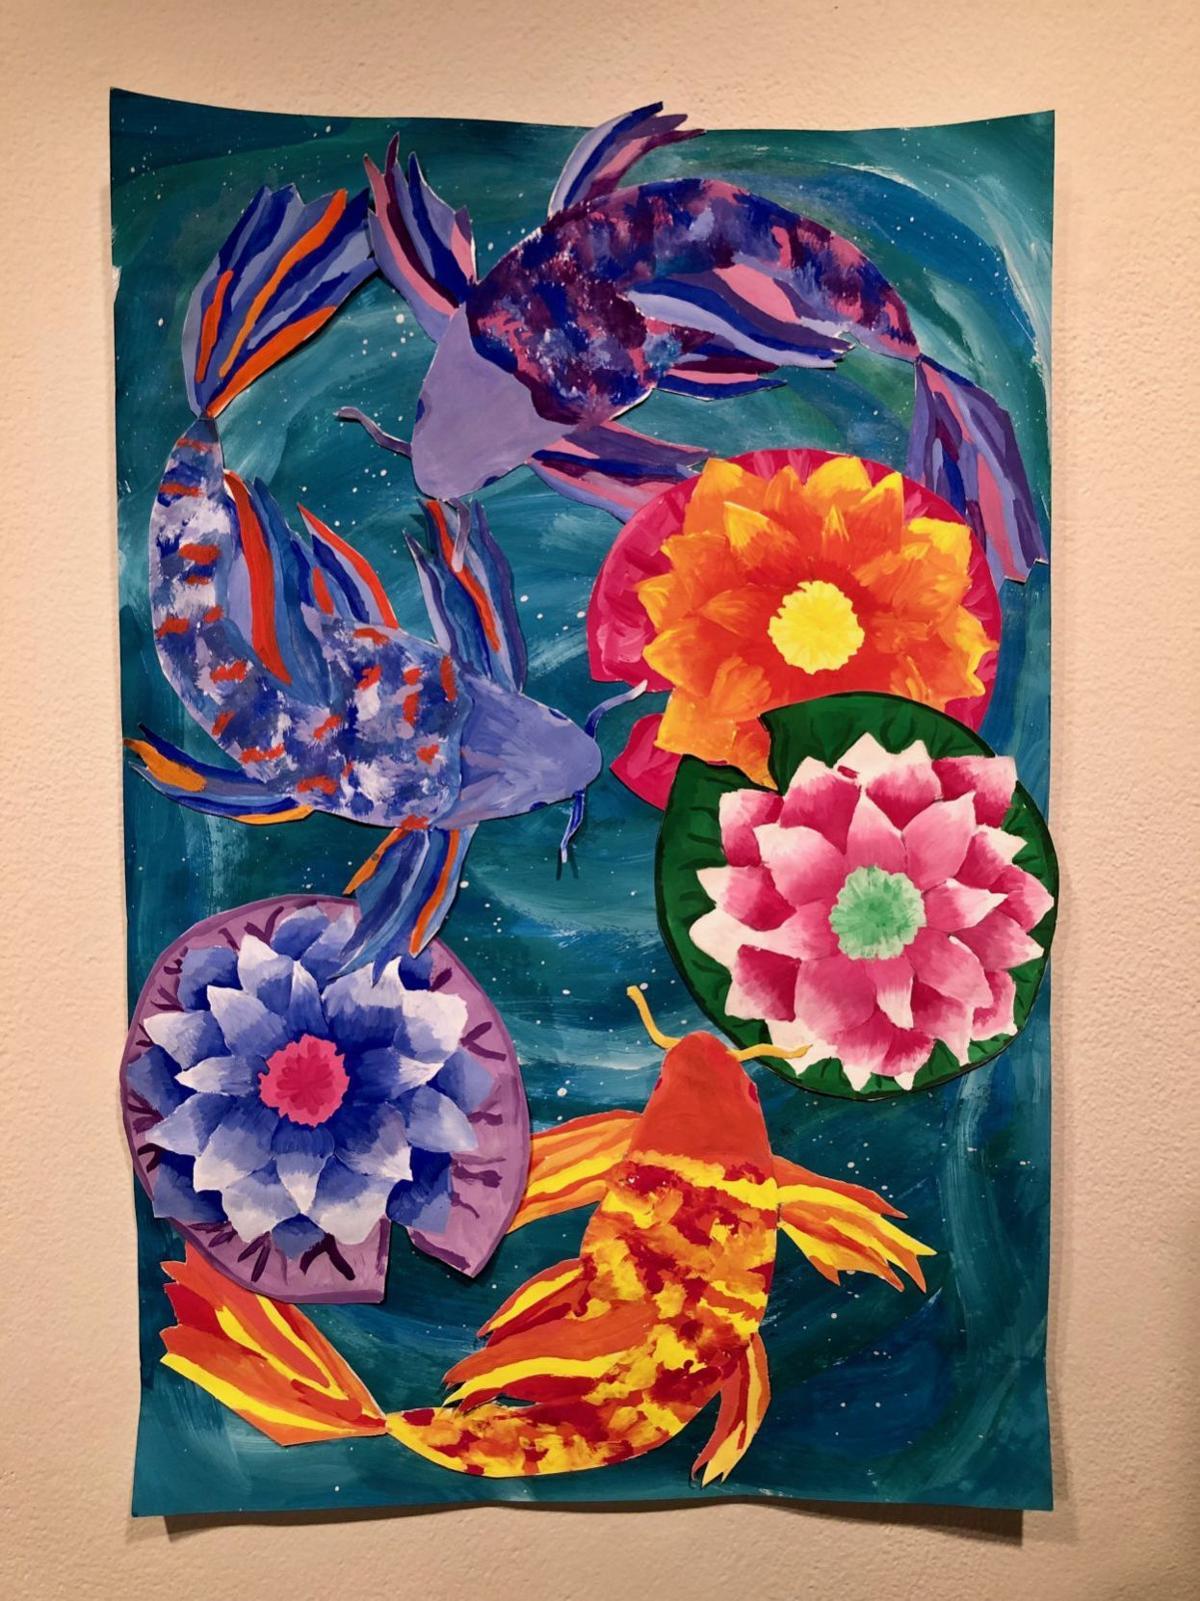 032020ho-abby-tran-painting